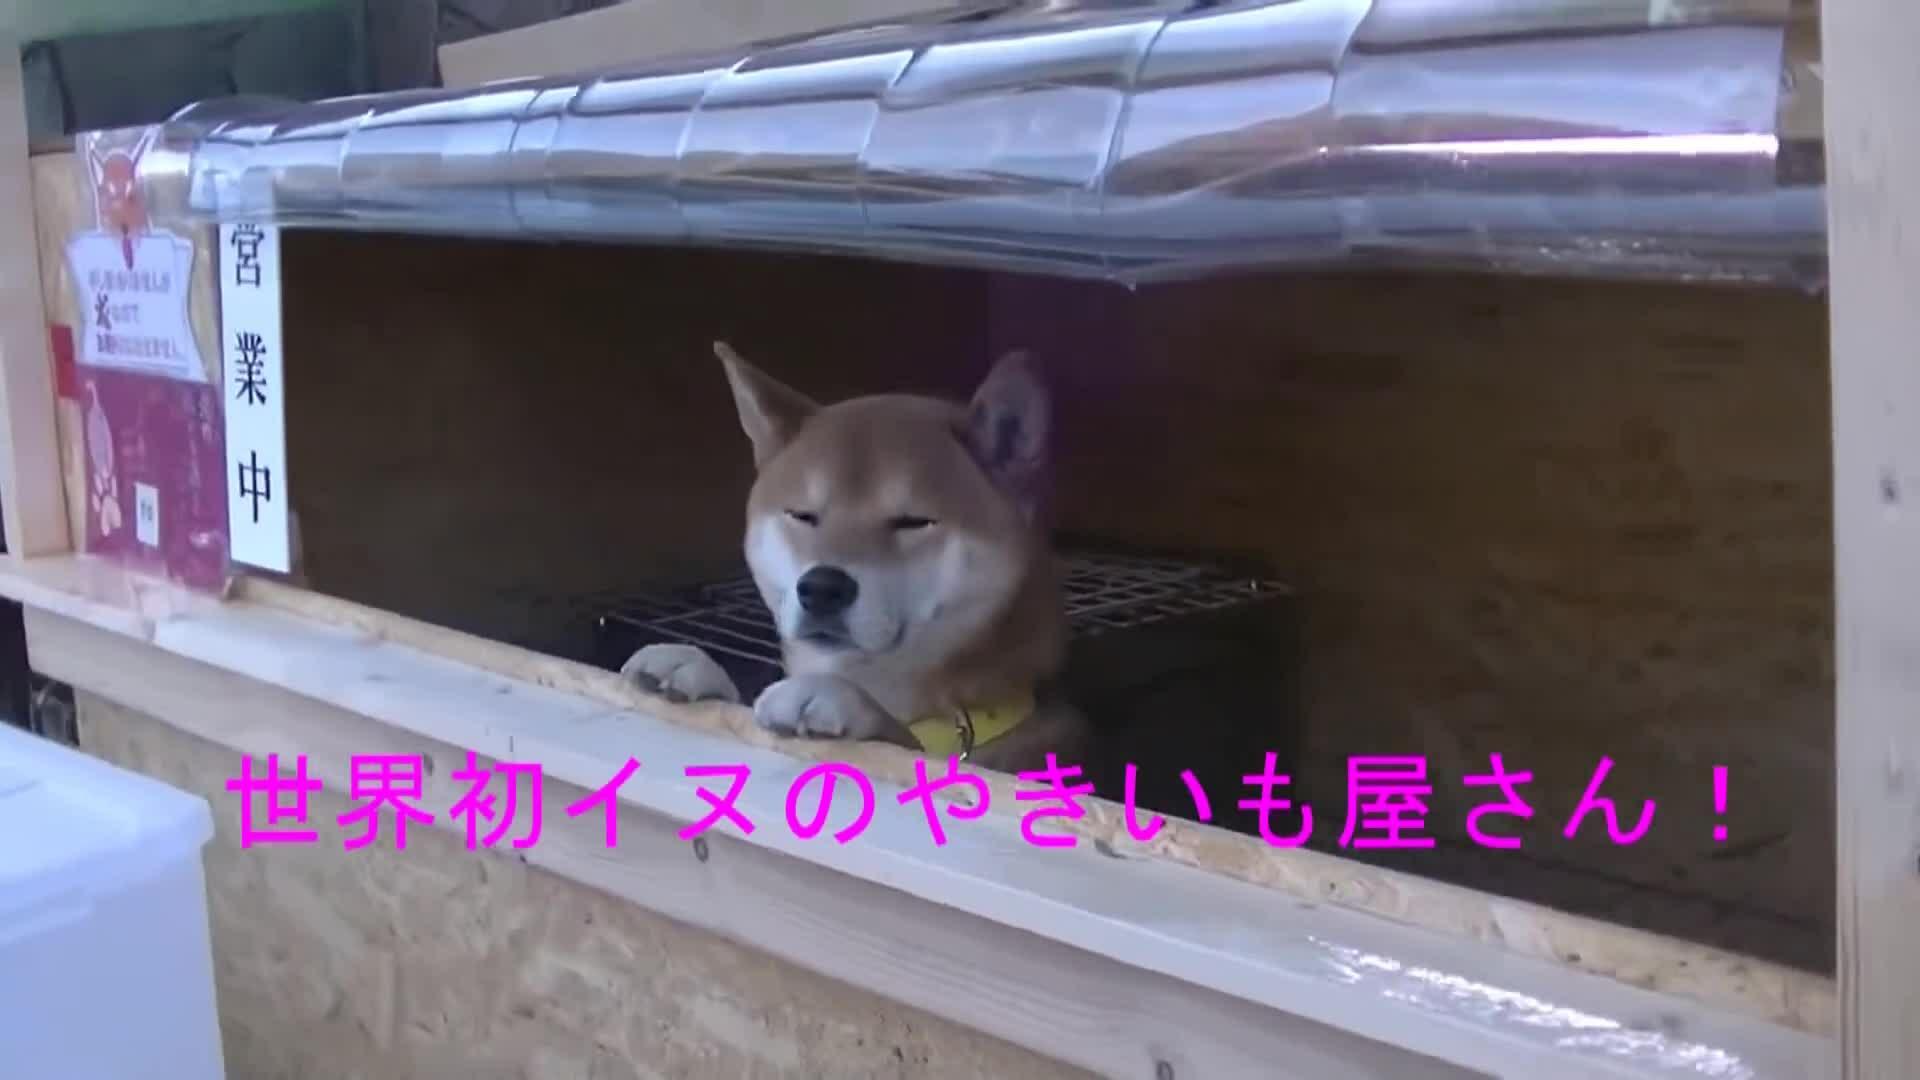 Gặp chú chó bán khoai lang nướng ở Nhật Bản